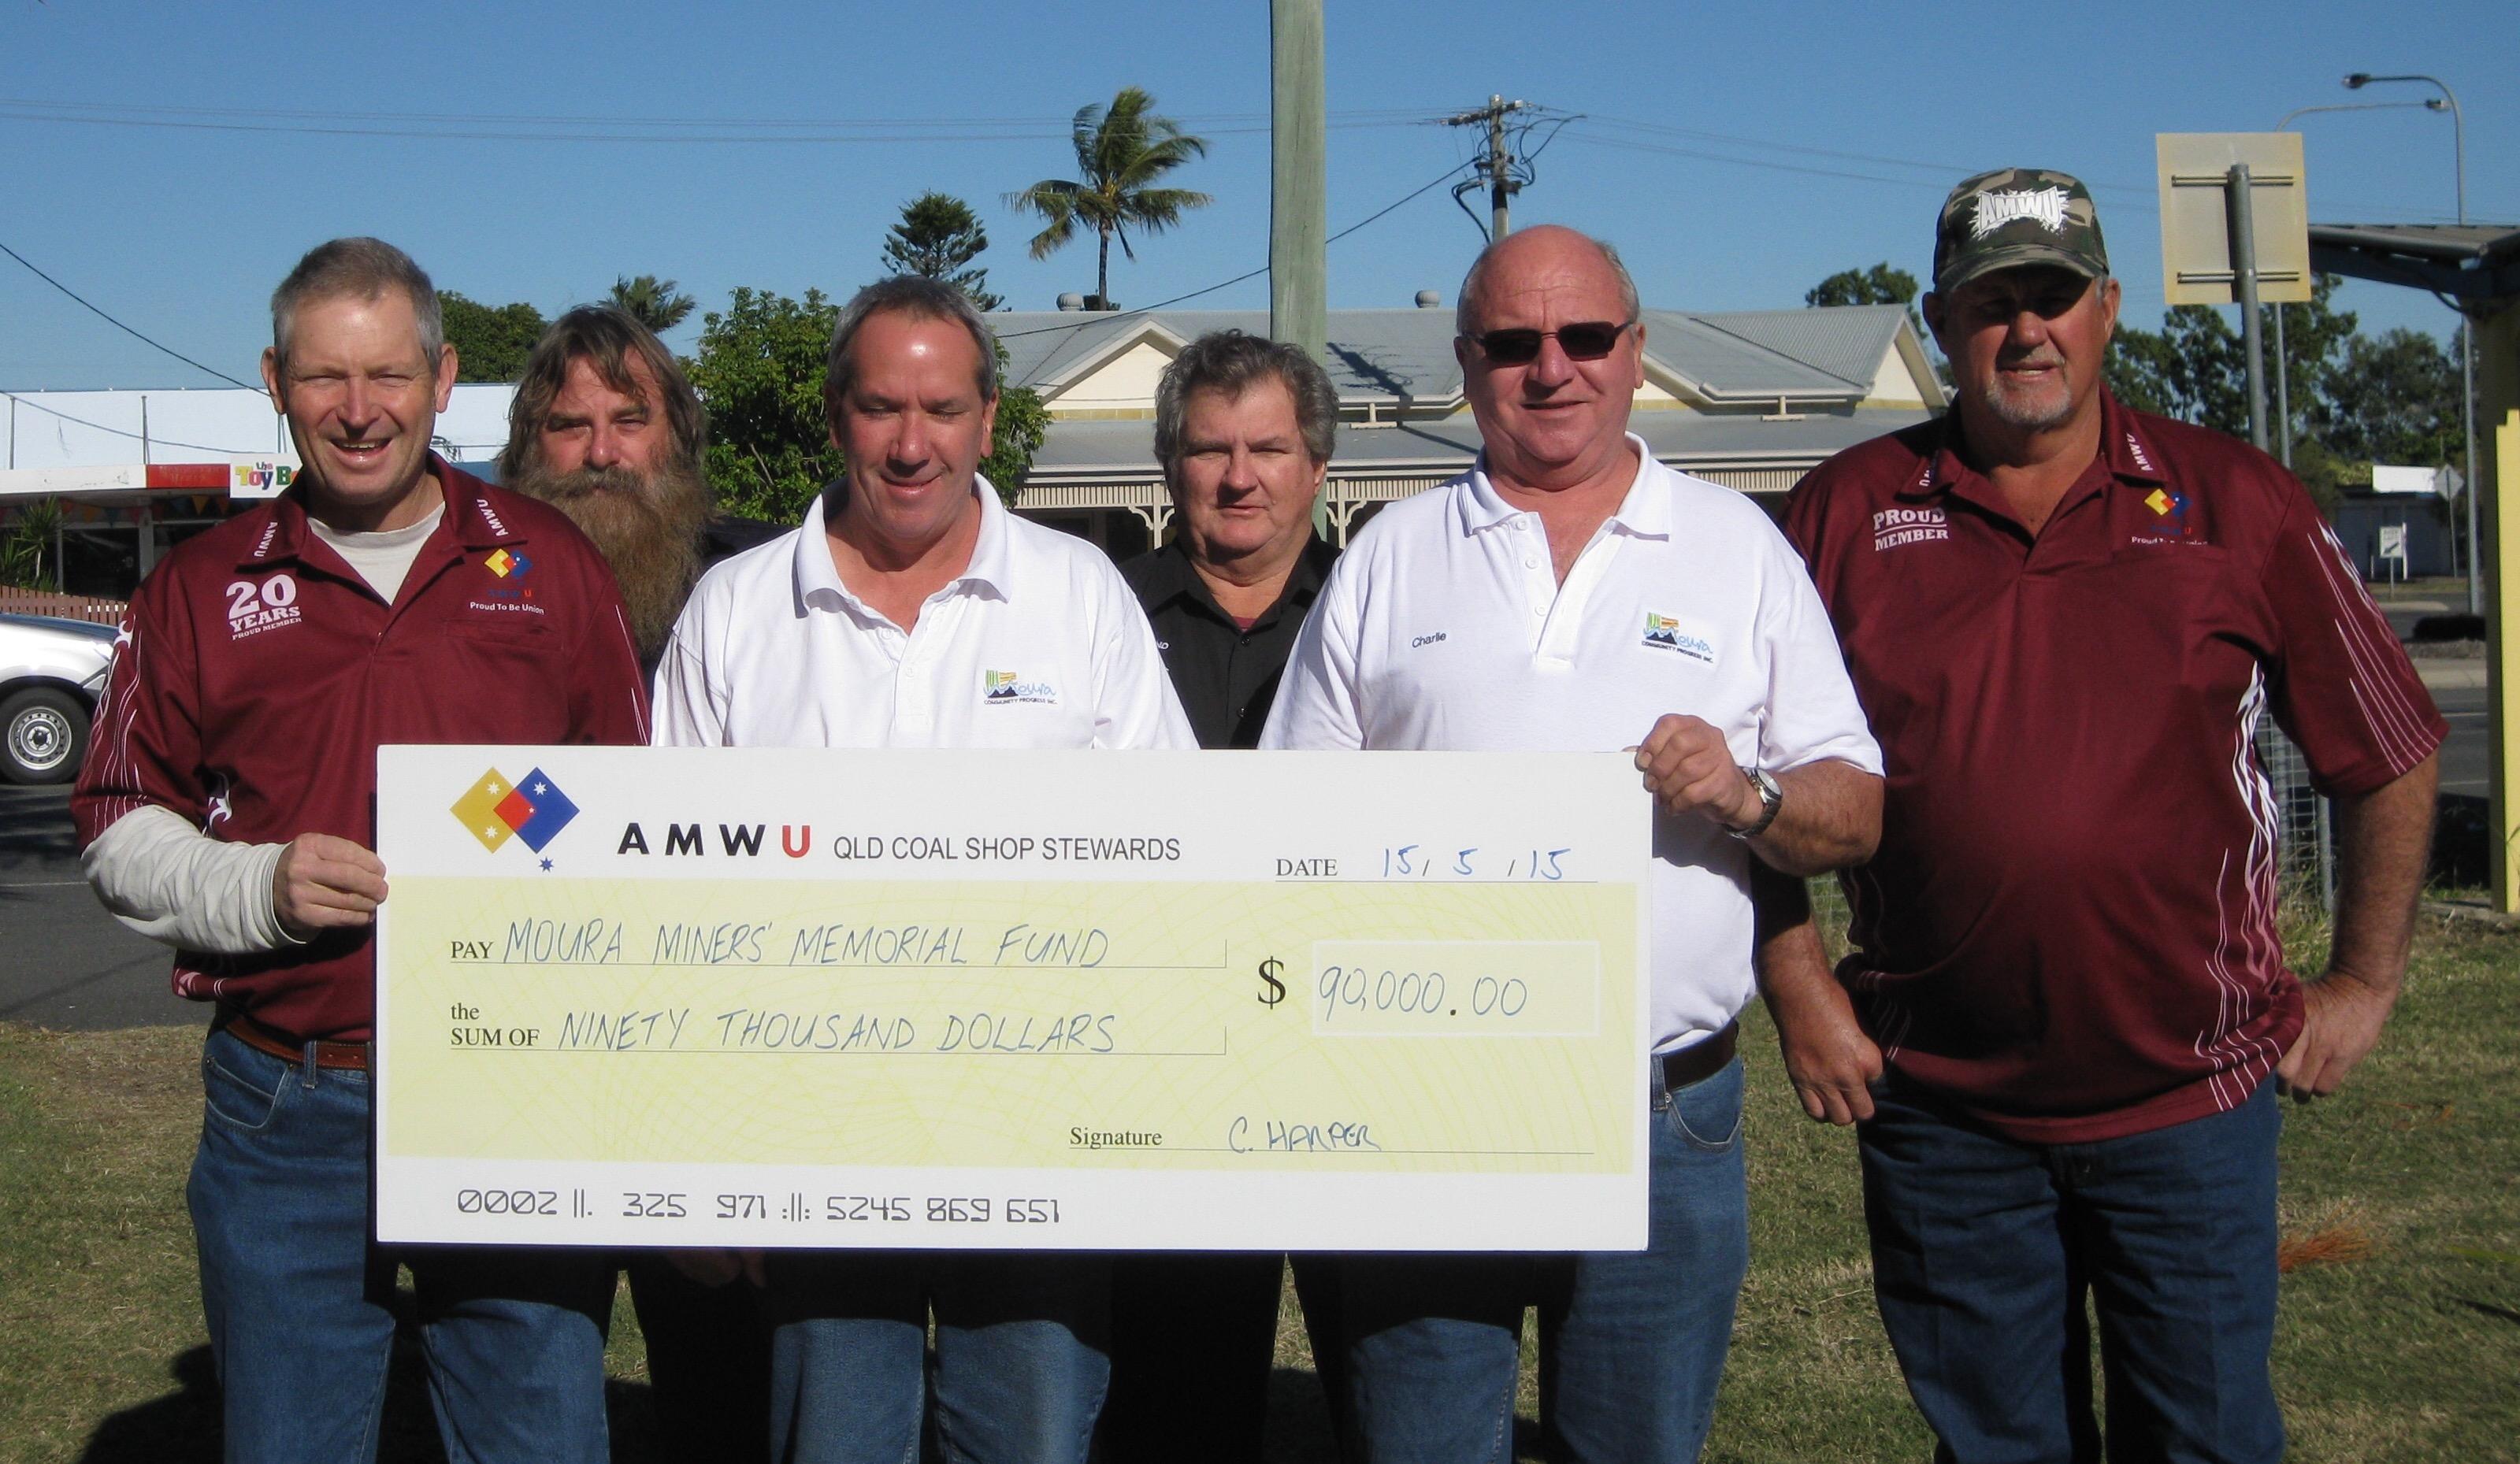 AMWU members make generous contribution for new memorial